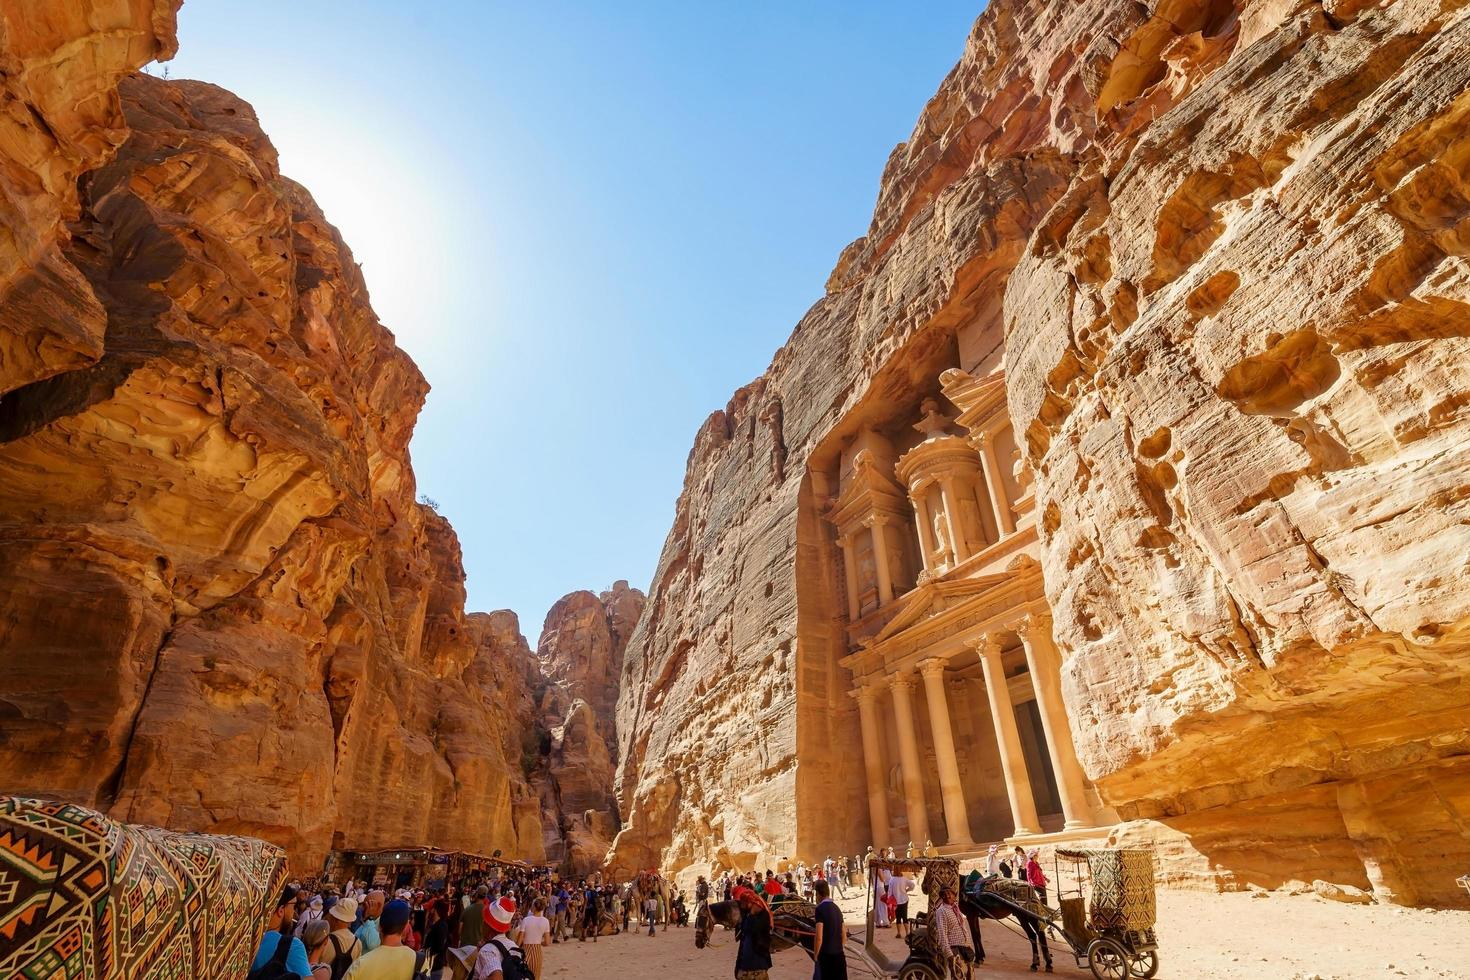 turisti a petra, giordania, 2018 foto